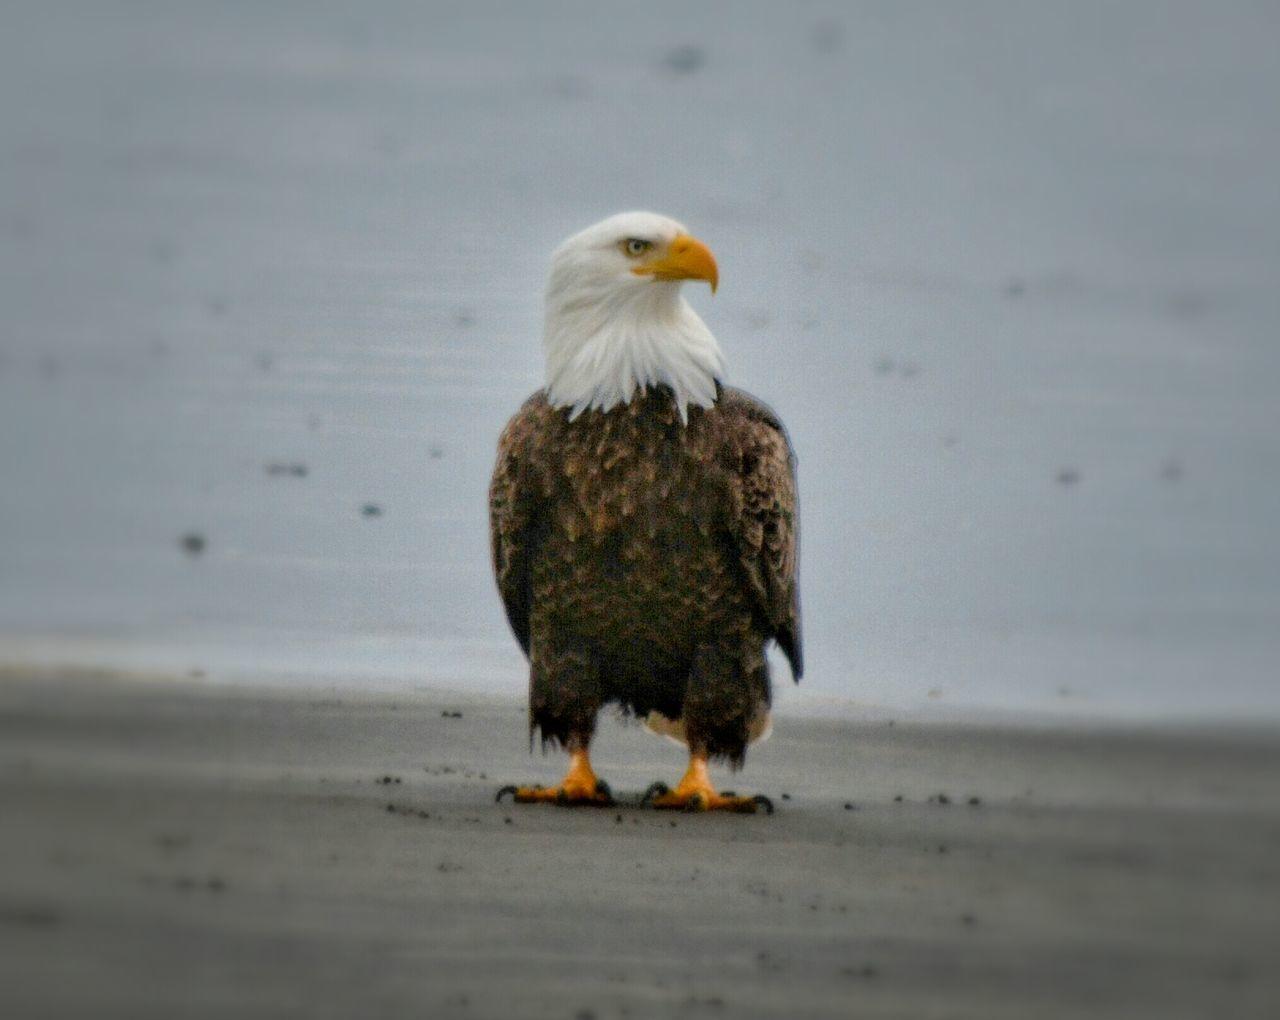 Nature Collection Bird Of Prey Bird Photography Bald Eagle